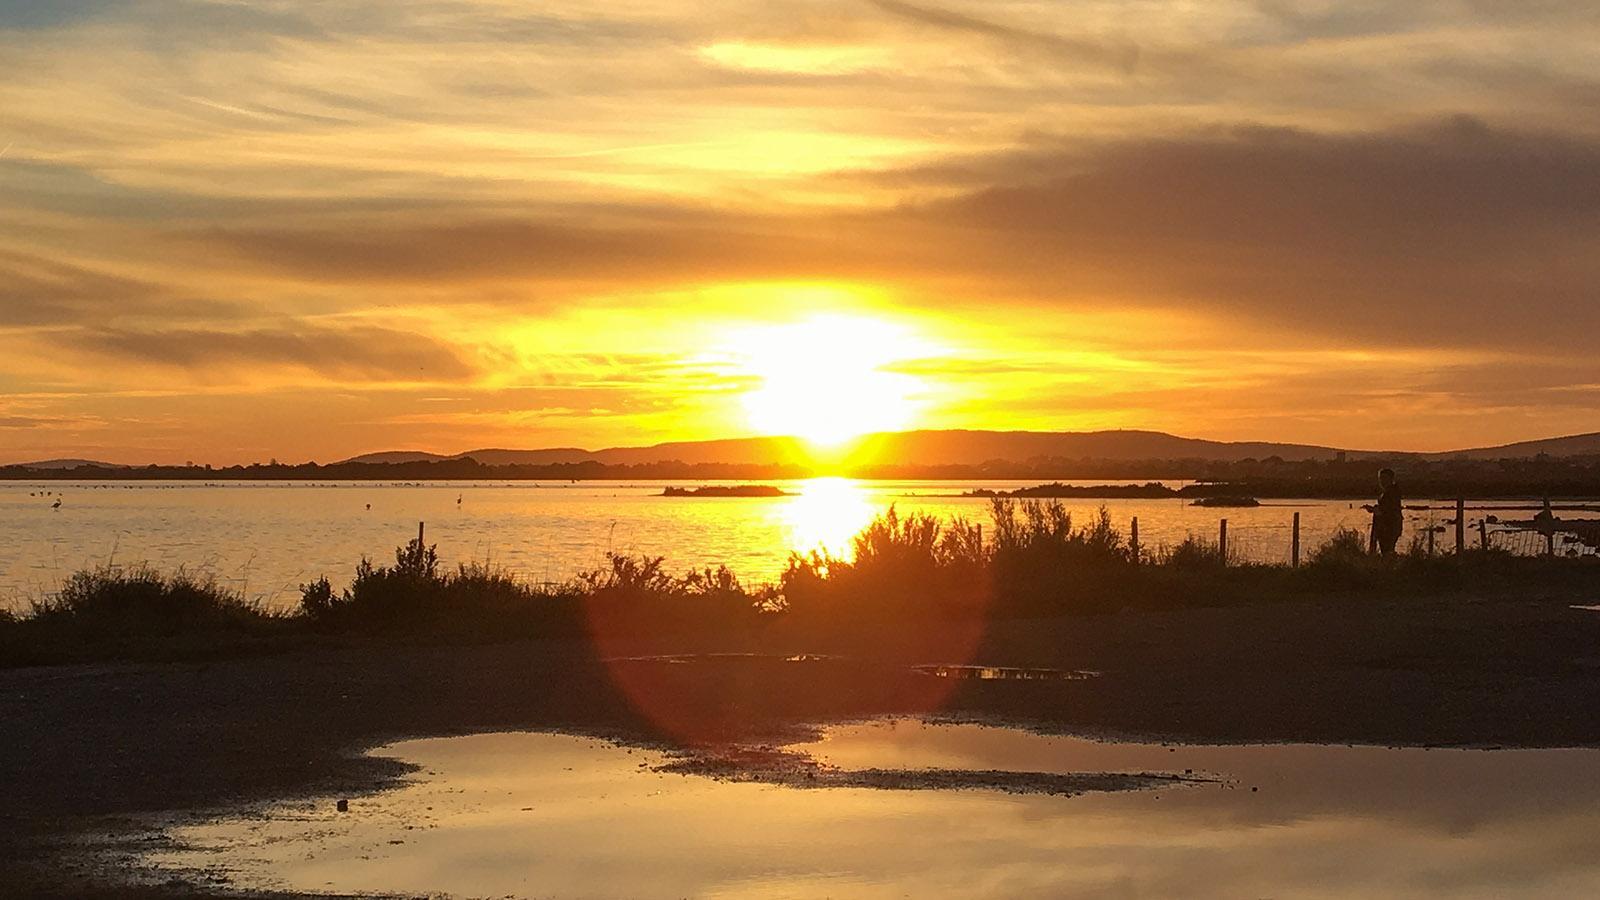 Wunderschön zum Sonnenuntergang: Die Straße von Carnon-Plage nach Pérols miht ihrem Lagunensee. Foto: Hilke Maunder